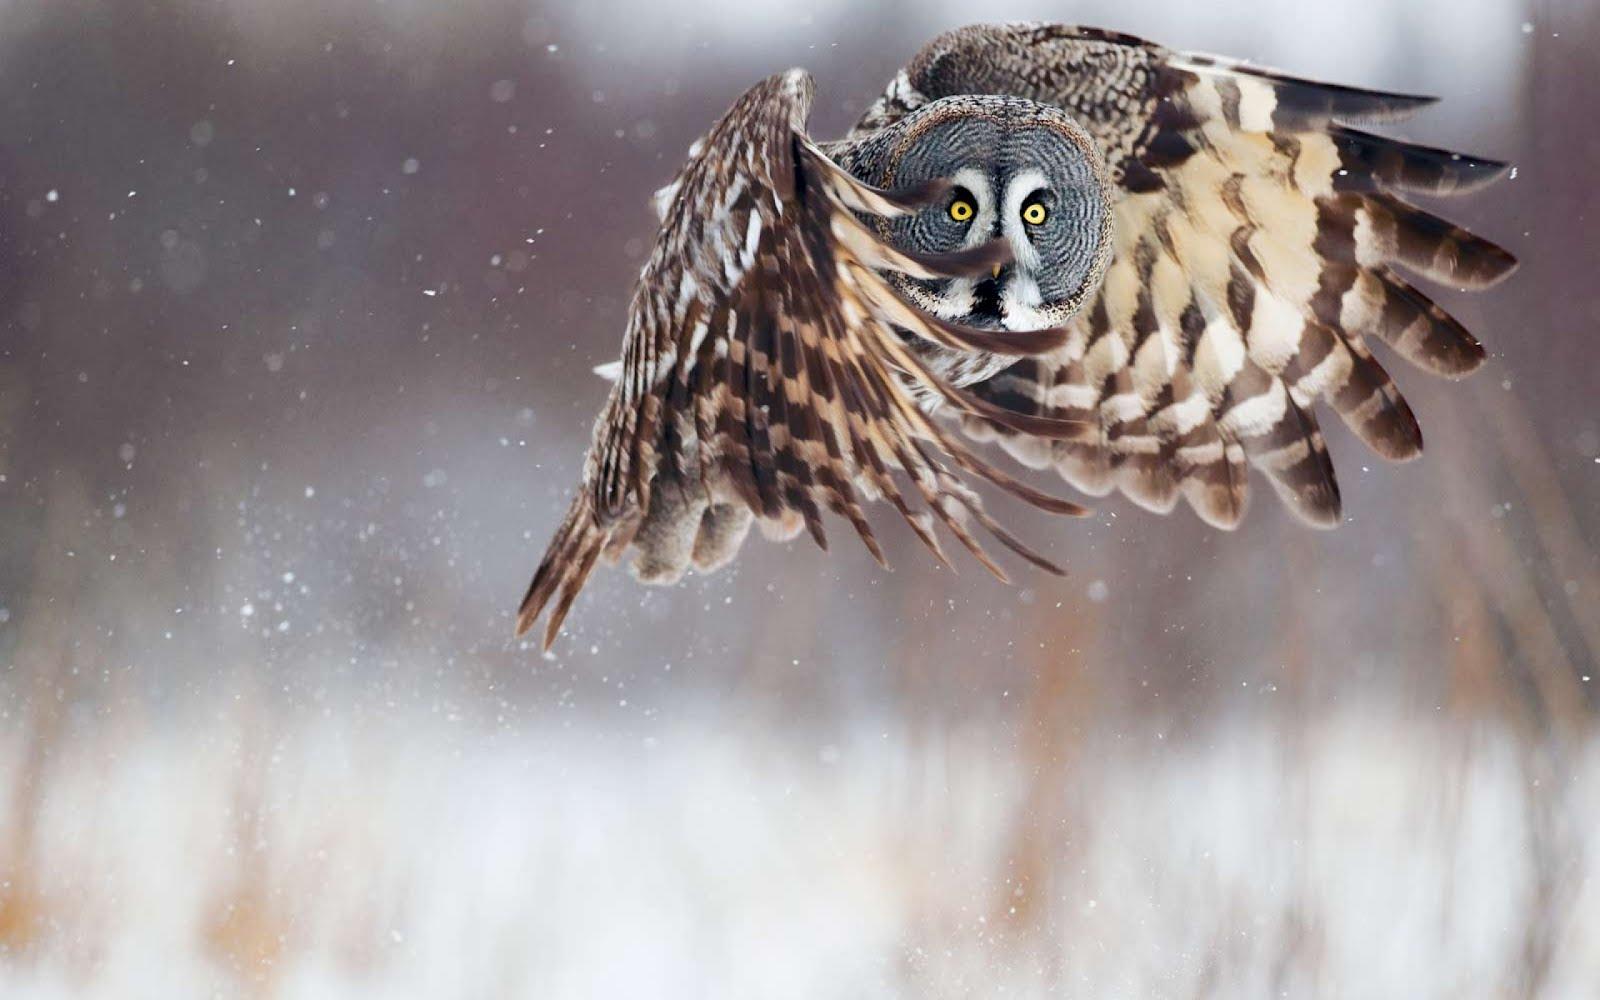 http://1.bp.blogspot.com/-UdFqVIW3DoI/T4l_ez6WoJI/AAAAAAAB0w0/ibOsDF4oszs/s1600/Owl-owl-bird-sven-zacek-national-geographic-2560x1600.jpg